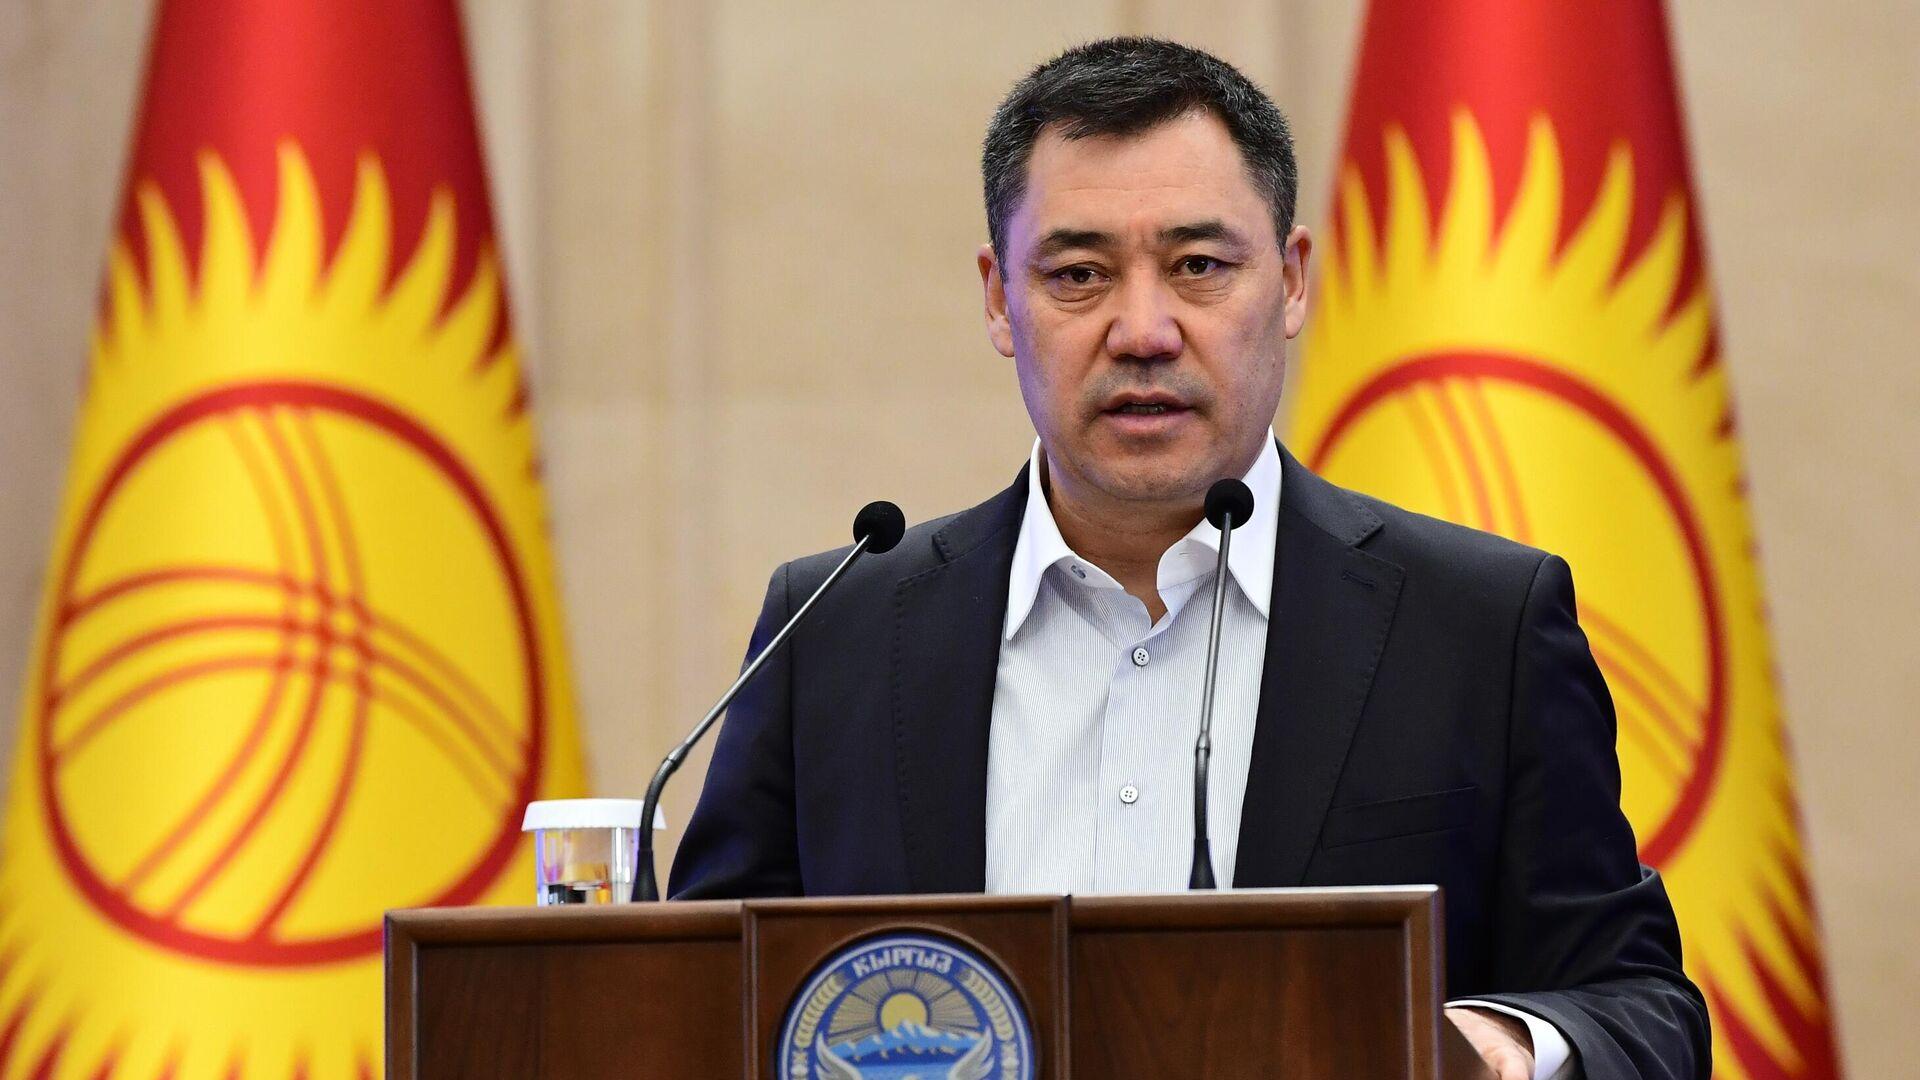 Премьер-министр Киргизии Садыр Жапаров выступает на внеочередном заседании парламента в Бишкеке - РИА Новости, 1920, 24.10.2020